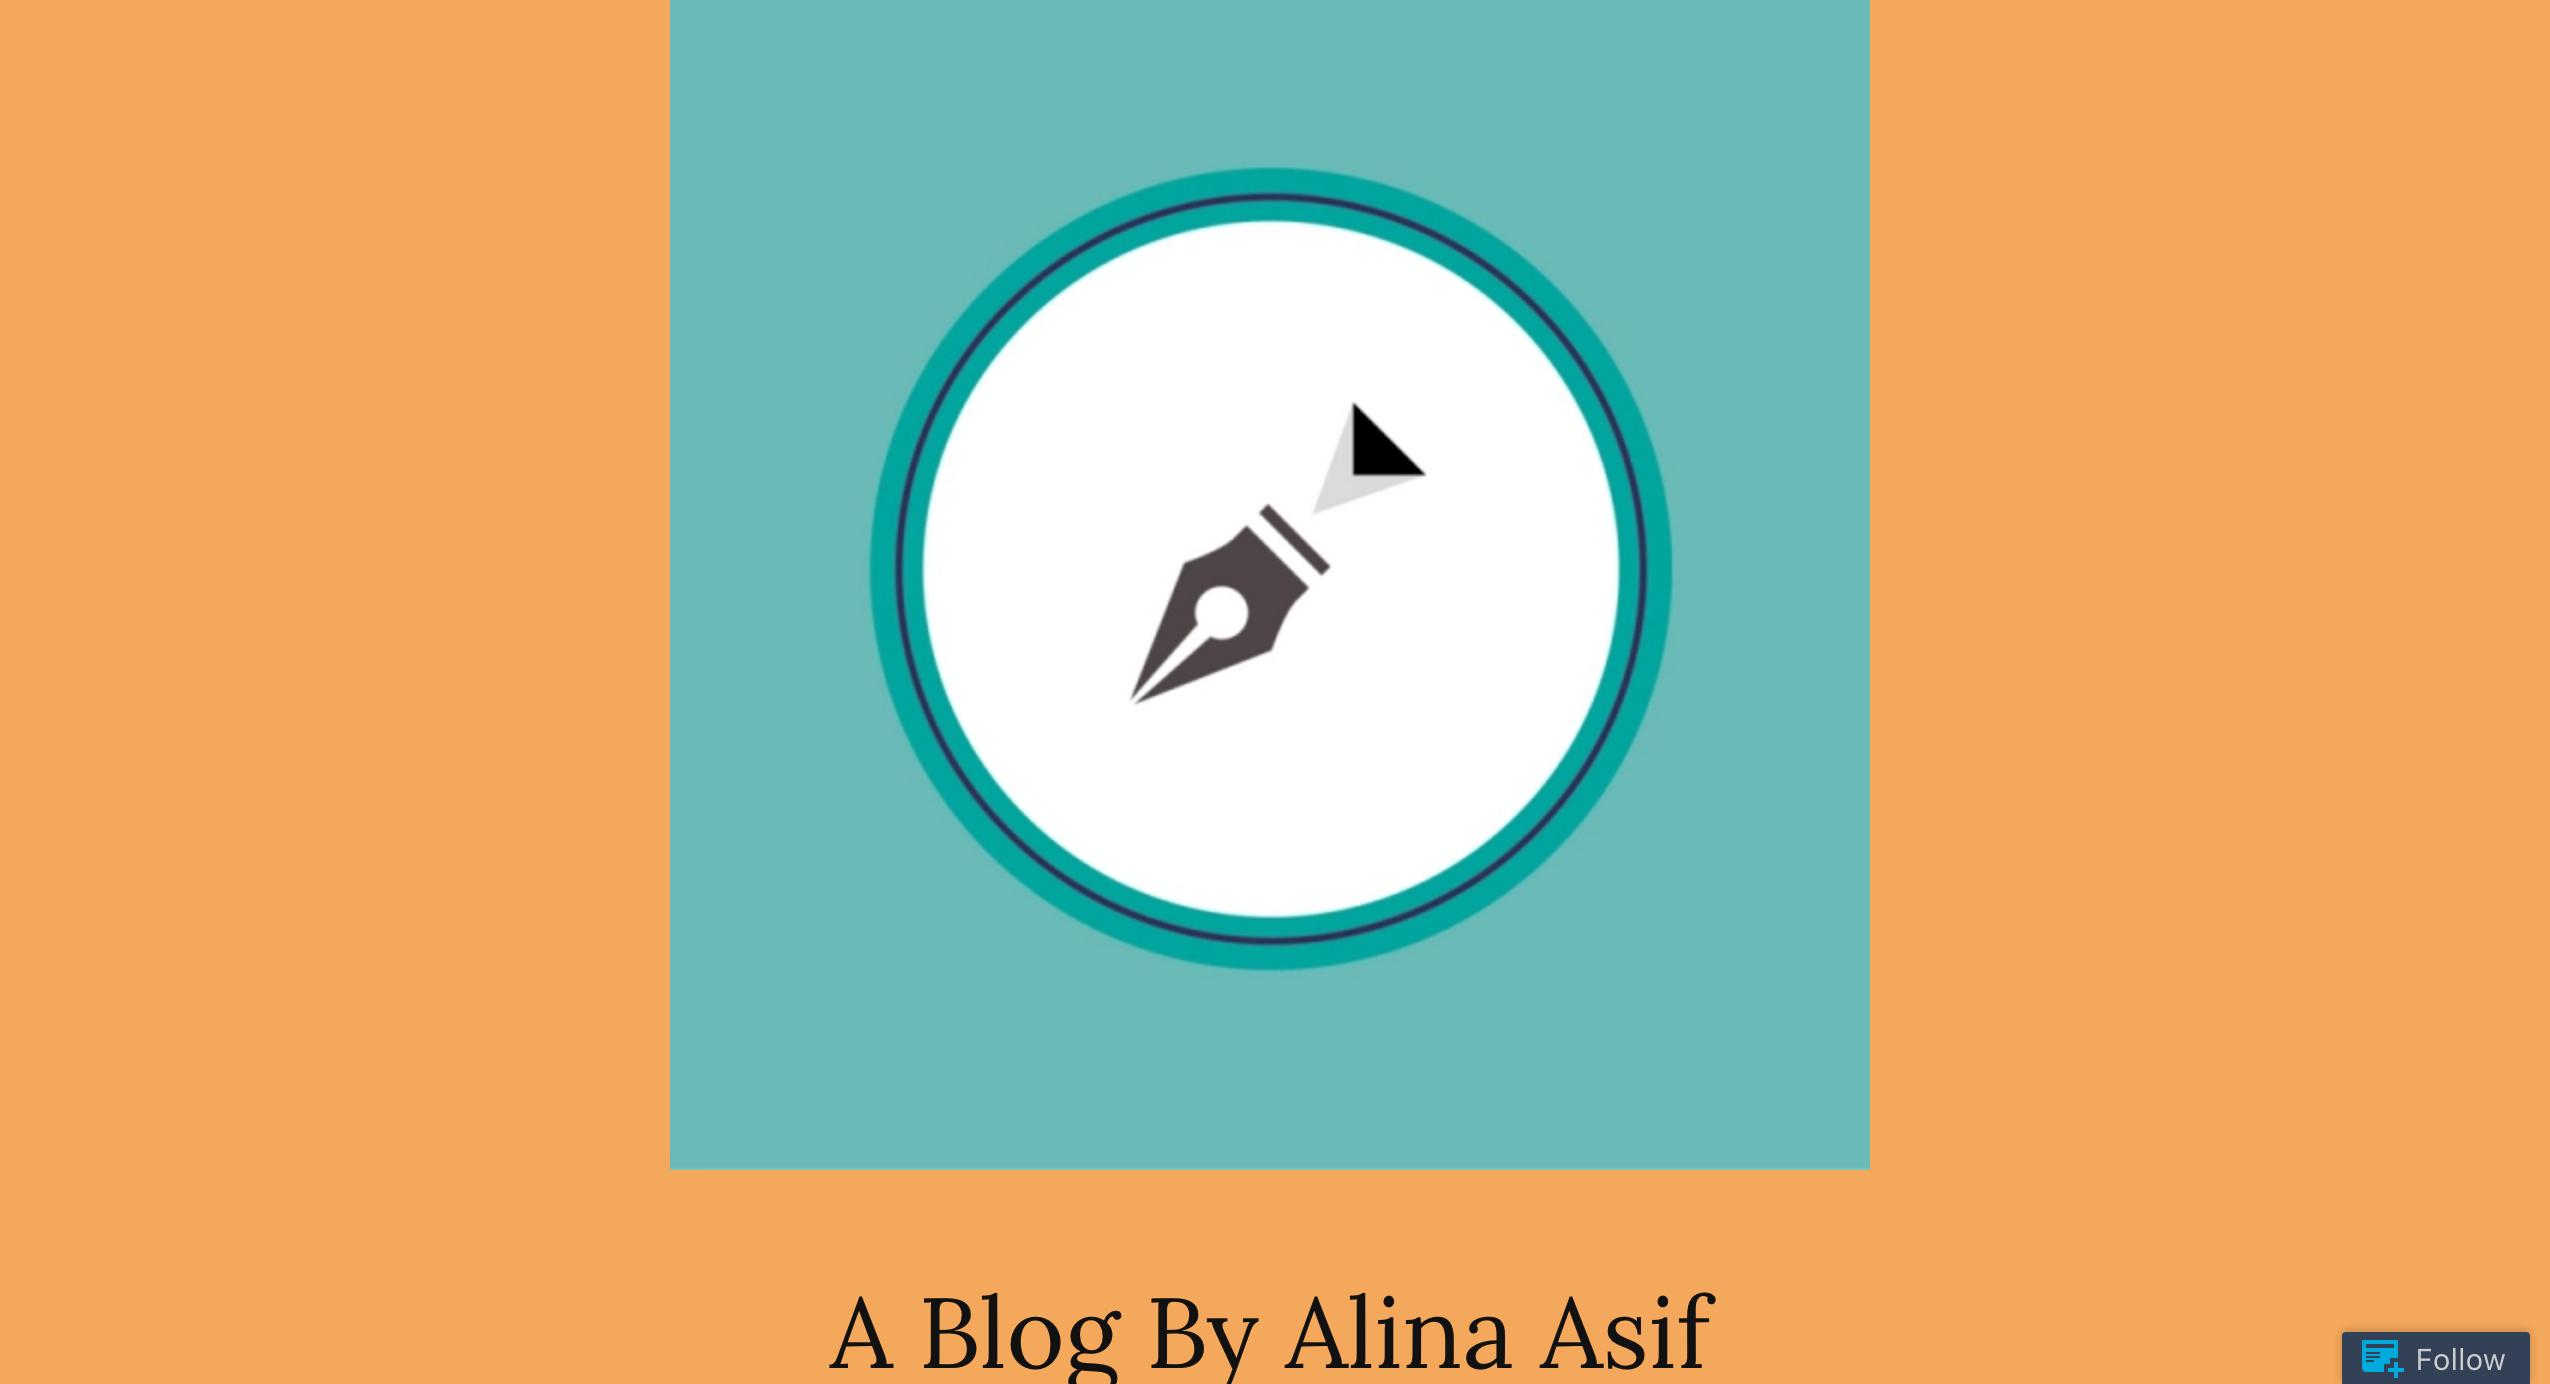 Blog by Alina Asif